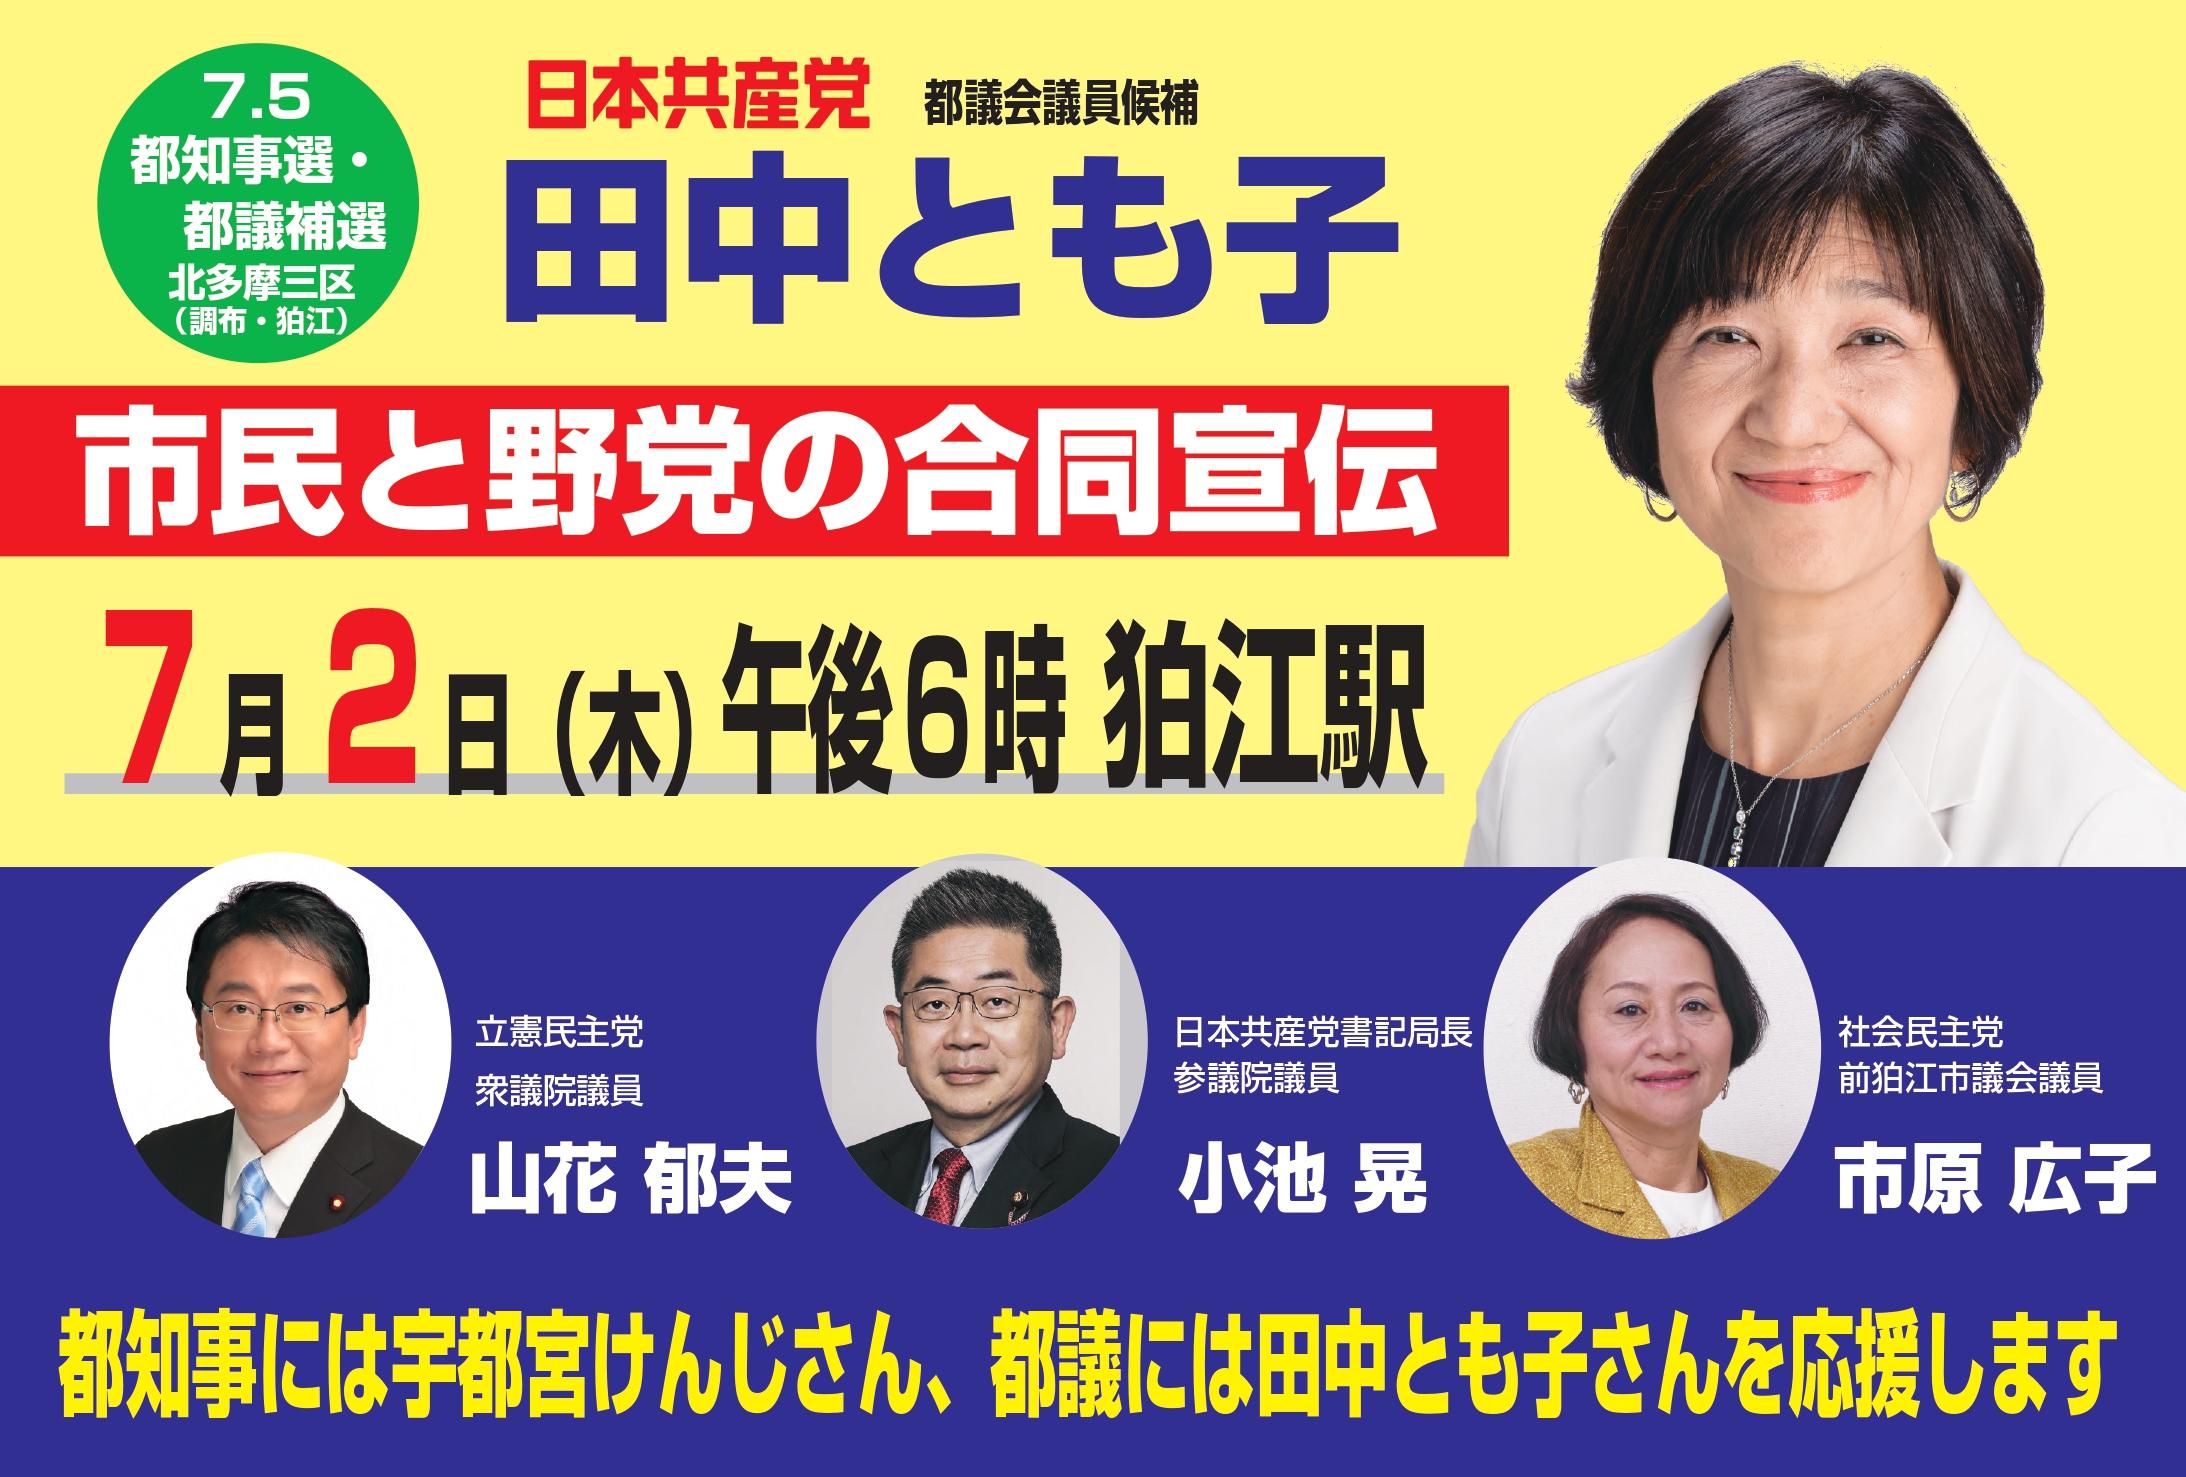 市民と野党の合同宣伝(7月2日 狛江駅)にお越しください